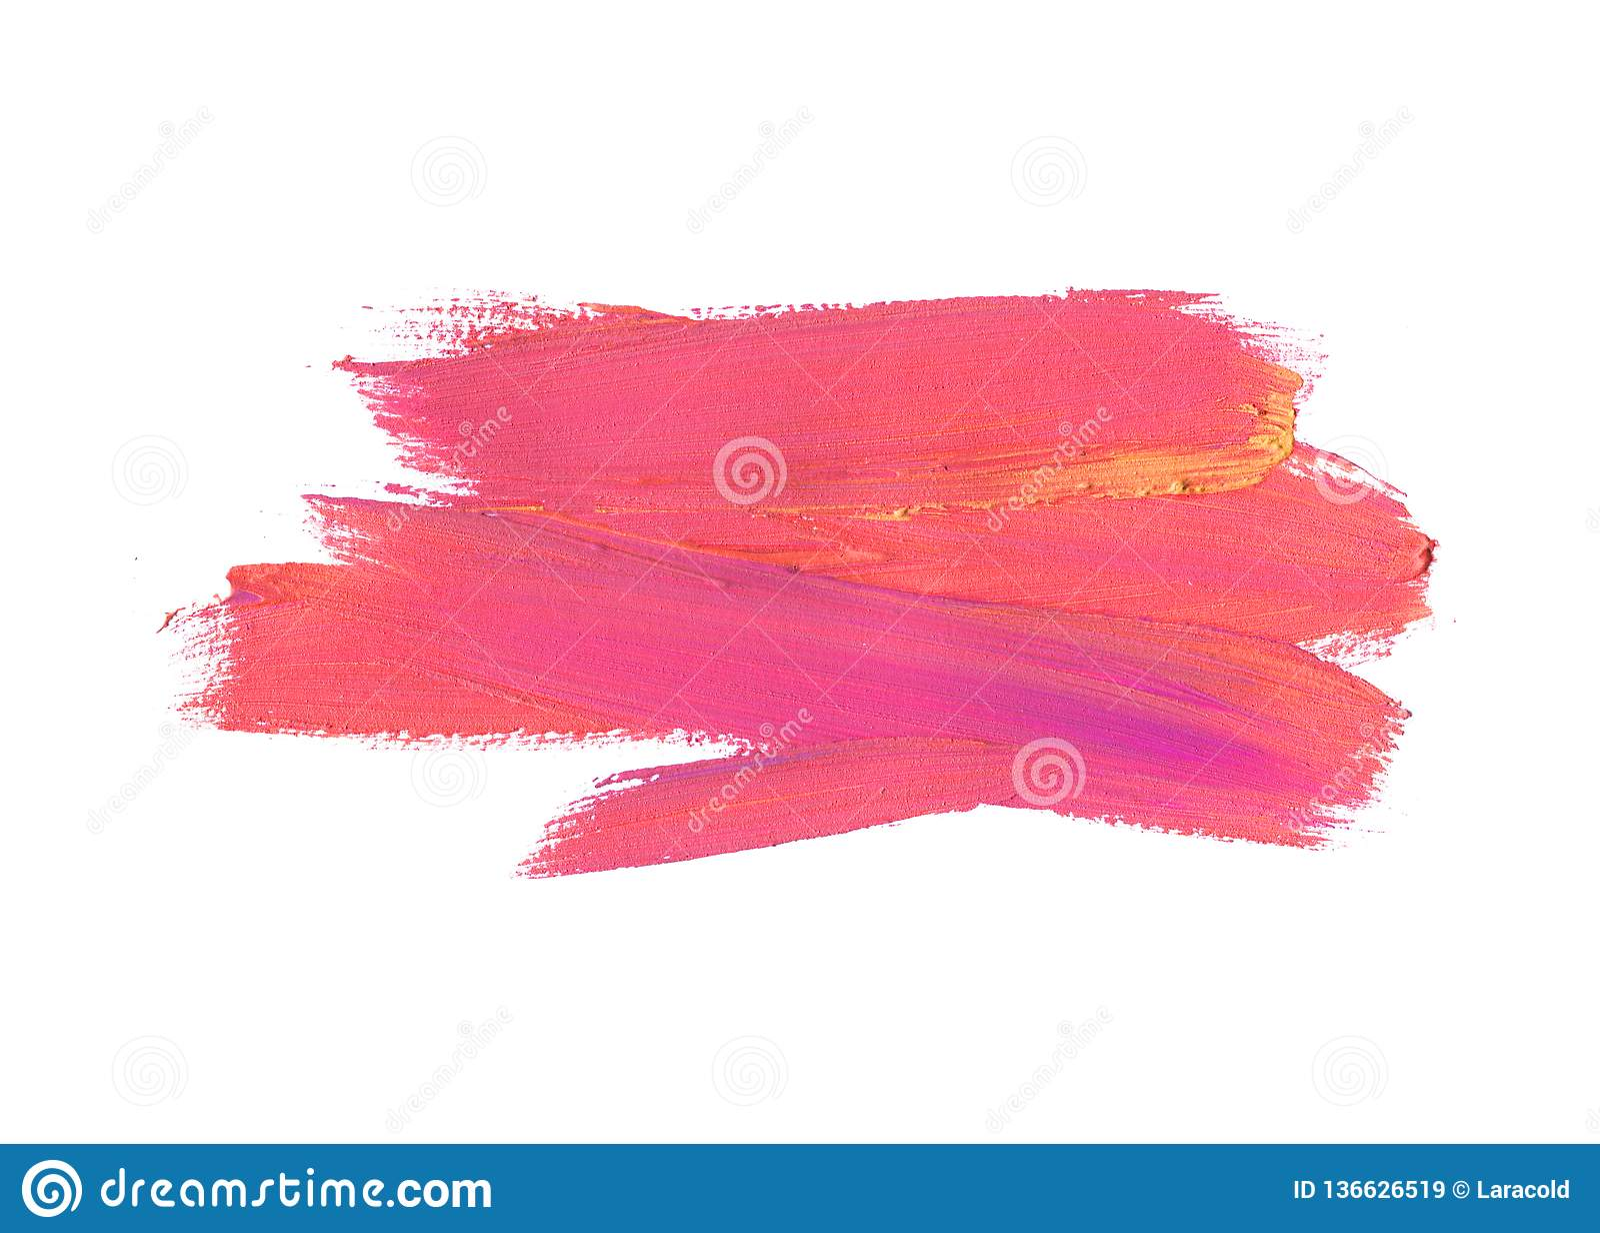 Υπόβαθρα κτυπήματος βουρτσών ετικετών τεχνών, χρώματα για τις ετικέττες και σχέδιο γραμματοσήμων Χρωματισμένο μπάλωμα υποβάθρων ε